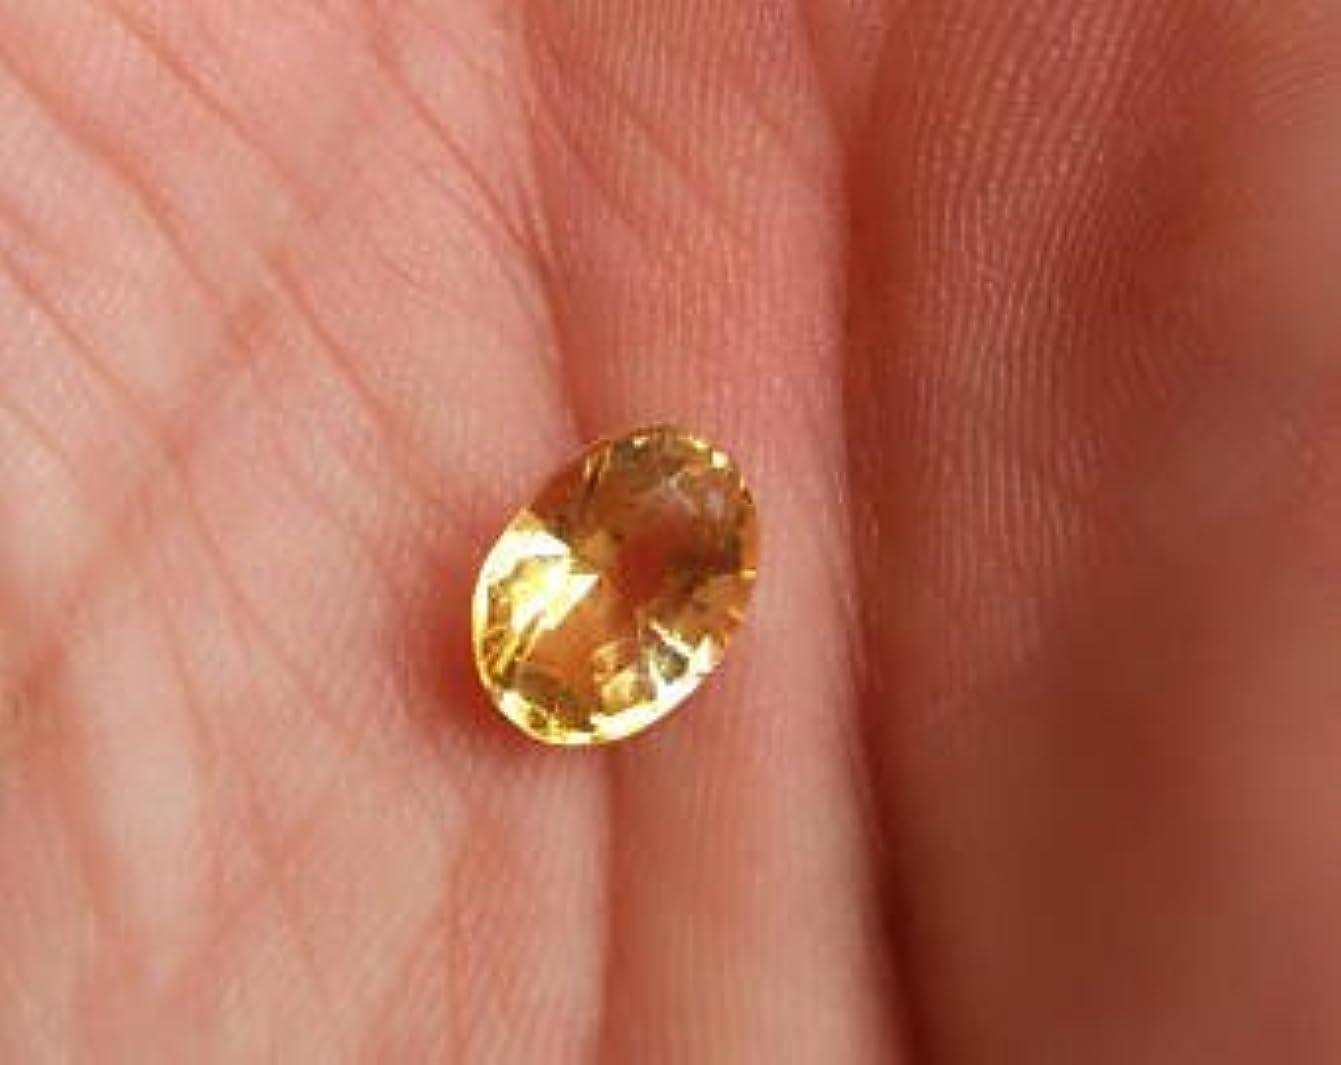 力カイウス大声でシトリン石元認定天然sunehla宝石5.7カラットby gemselect